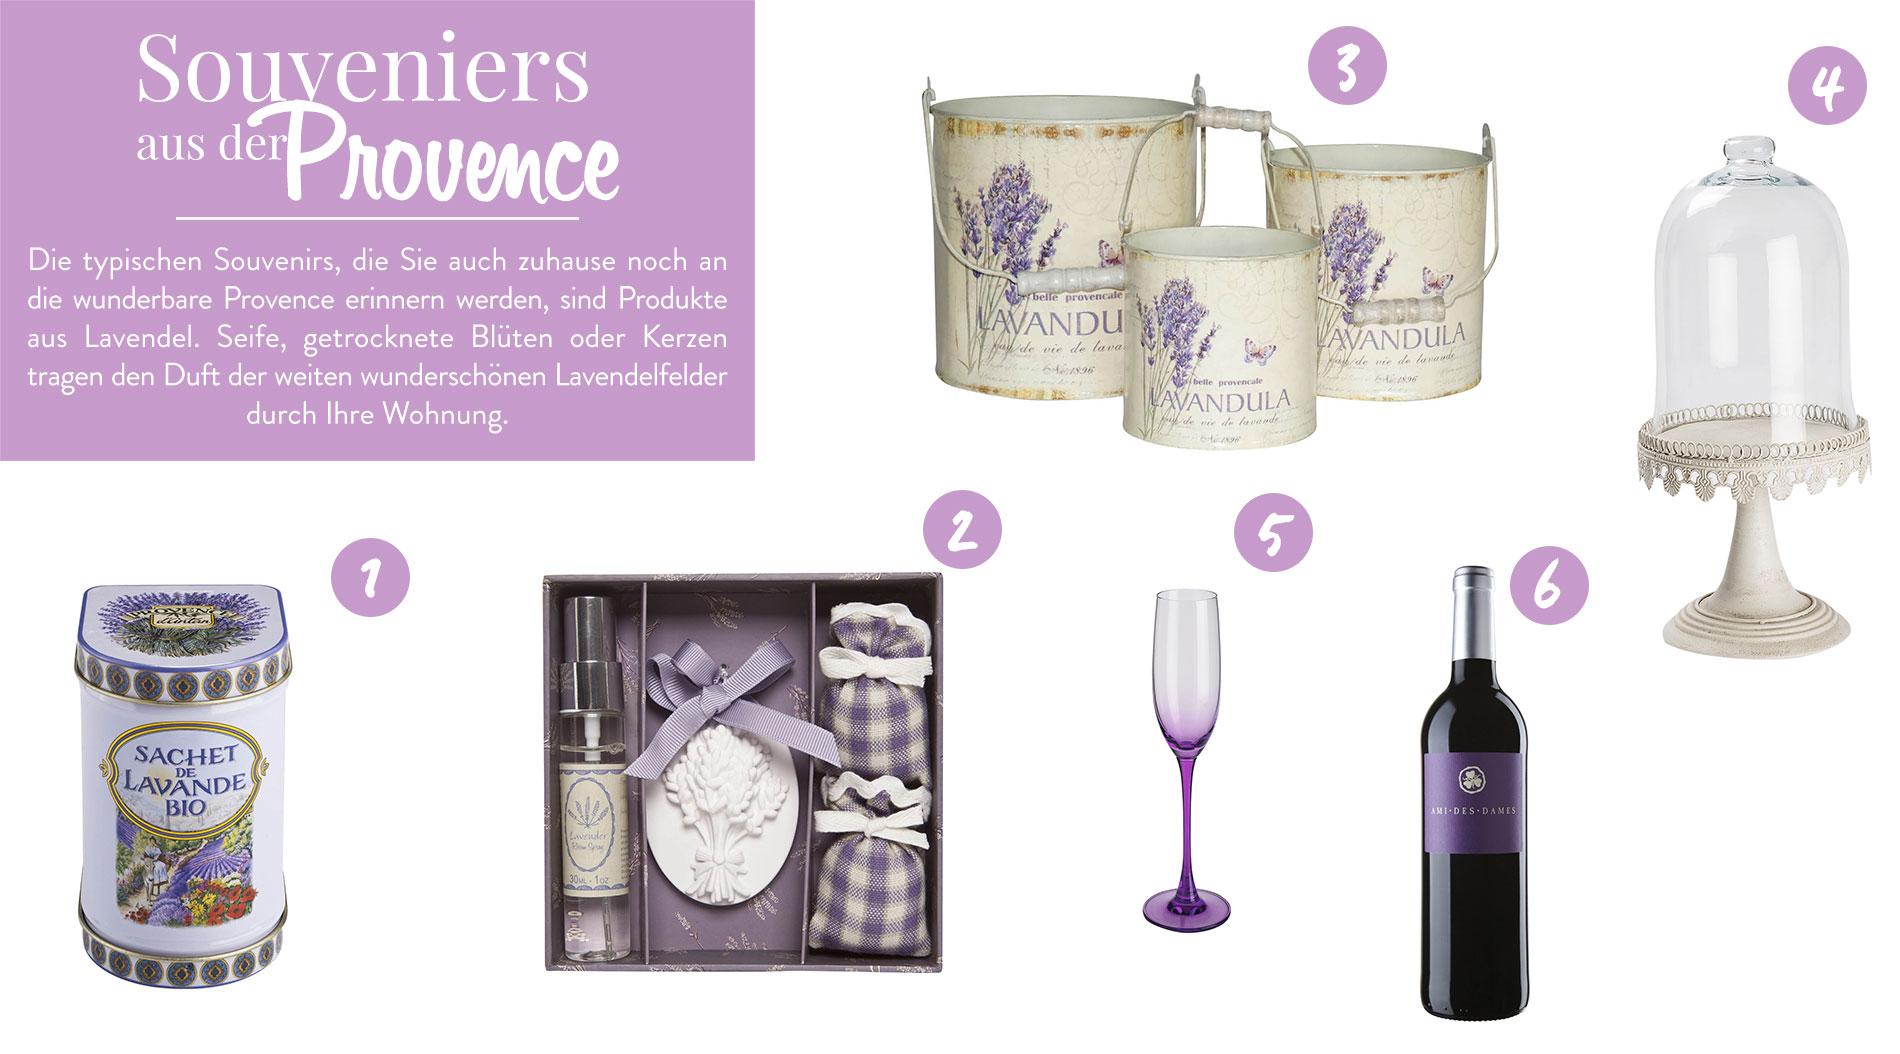 Travel_DE_Souveniers_Provence